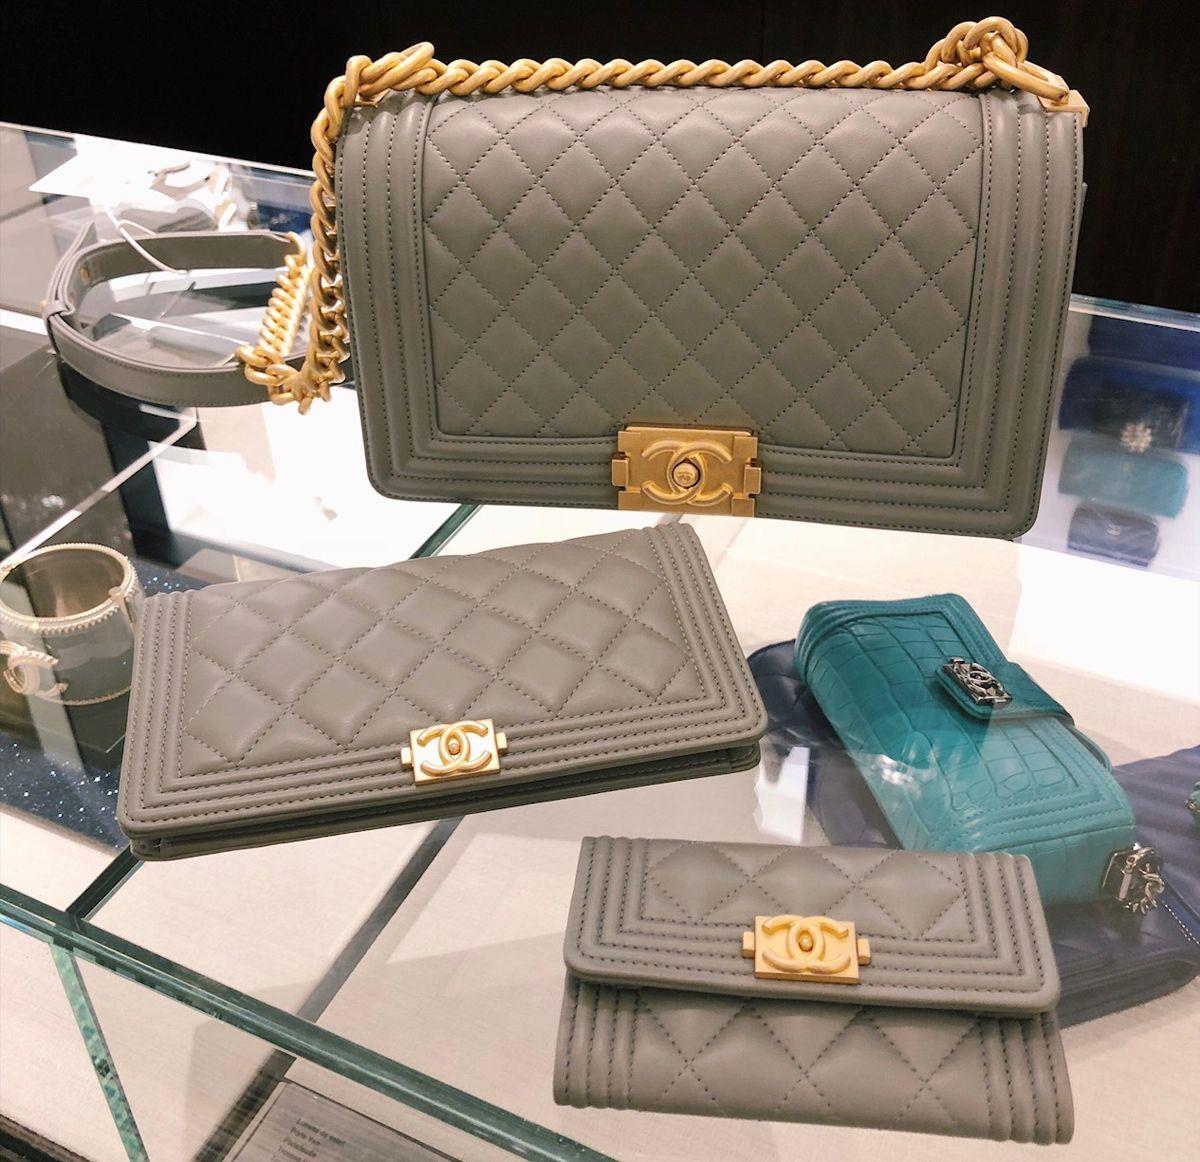 336eae589c9 Review + Sizes  Saint Laurent Wallet on Chain + Chanel Boy Bag ...